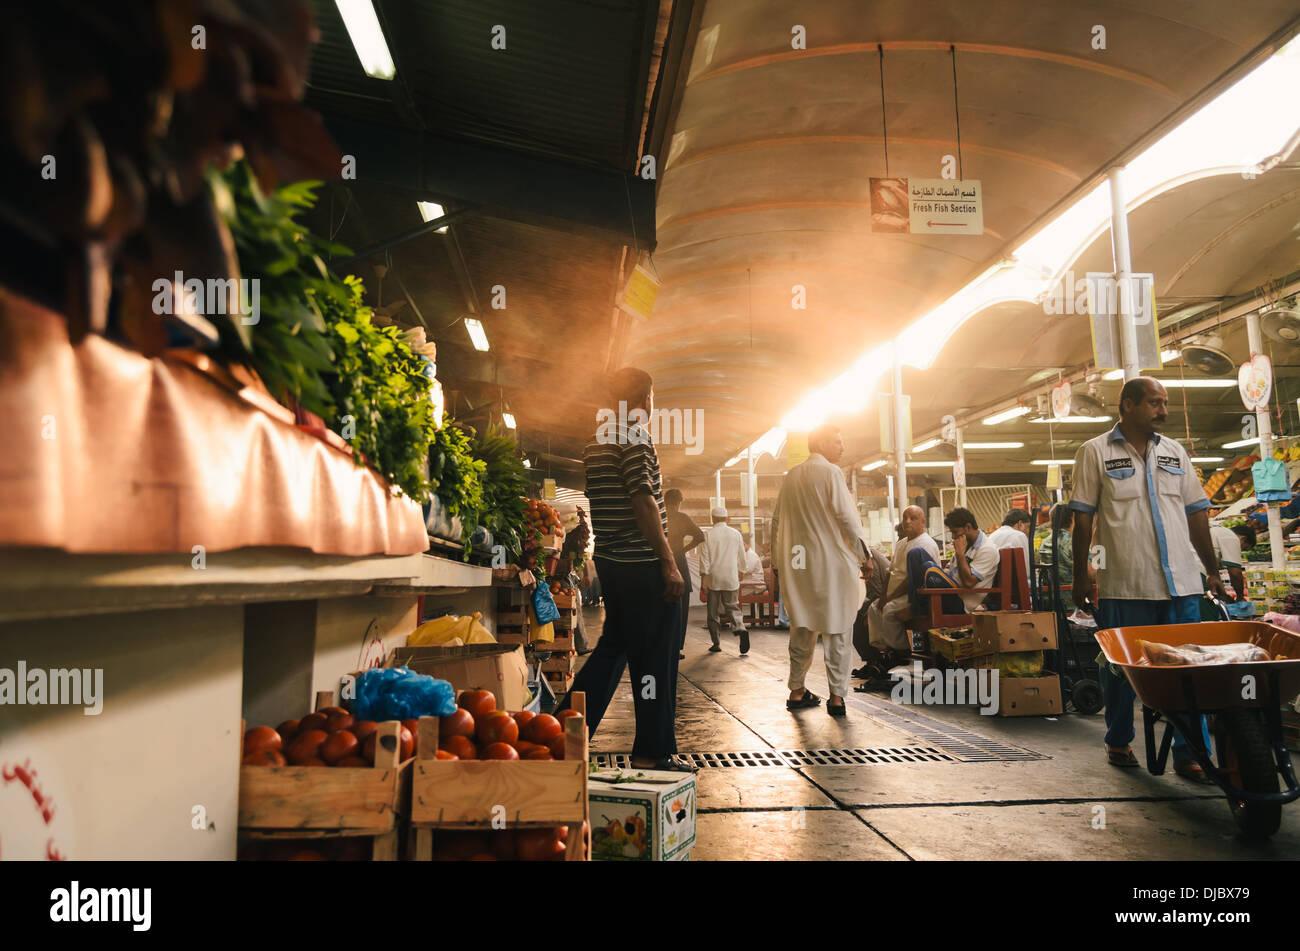 Hombres árabes caminando por uno de los pasillos en Deira, Mercado de frutas y vegetales durante el amanecer. Dubai, Emiratos Árabes Unidos. Imagen De Stock